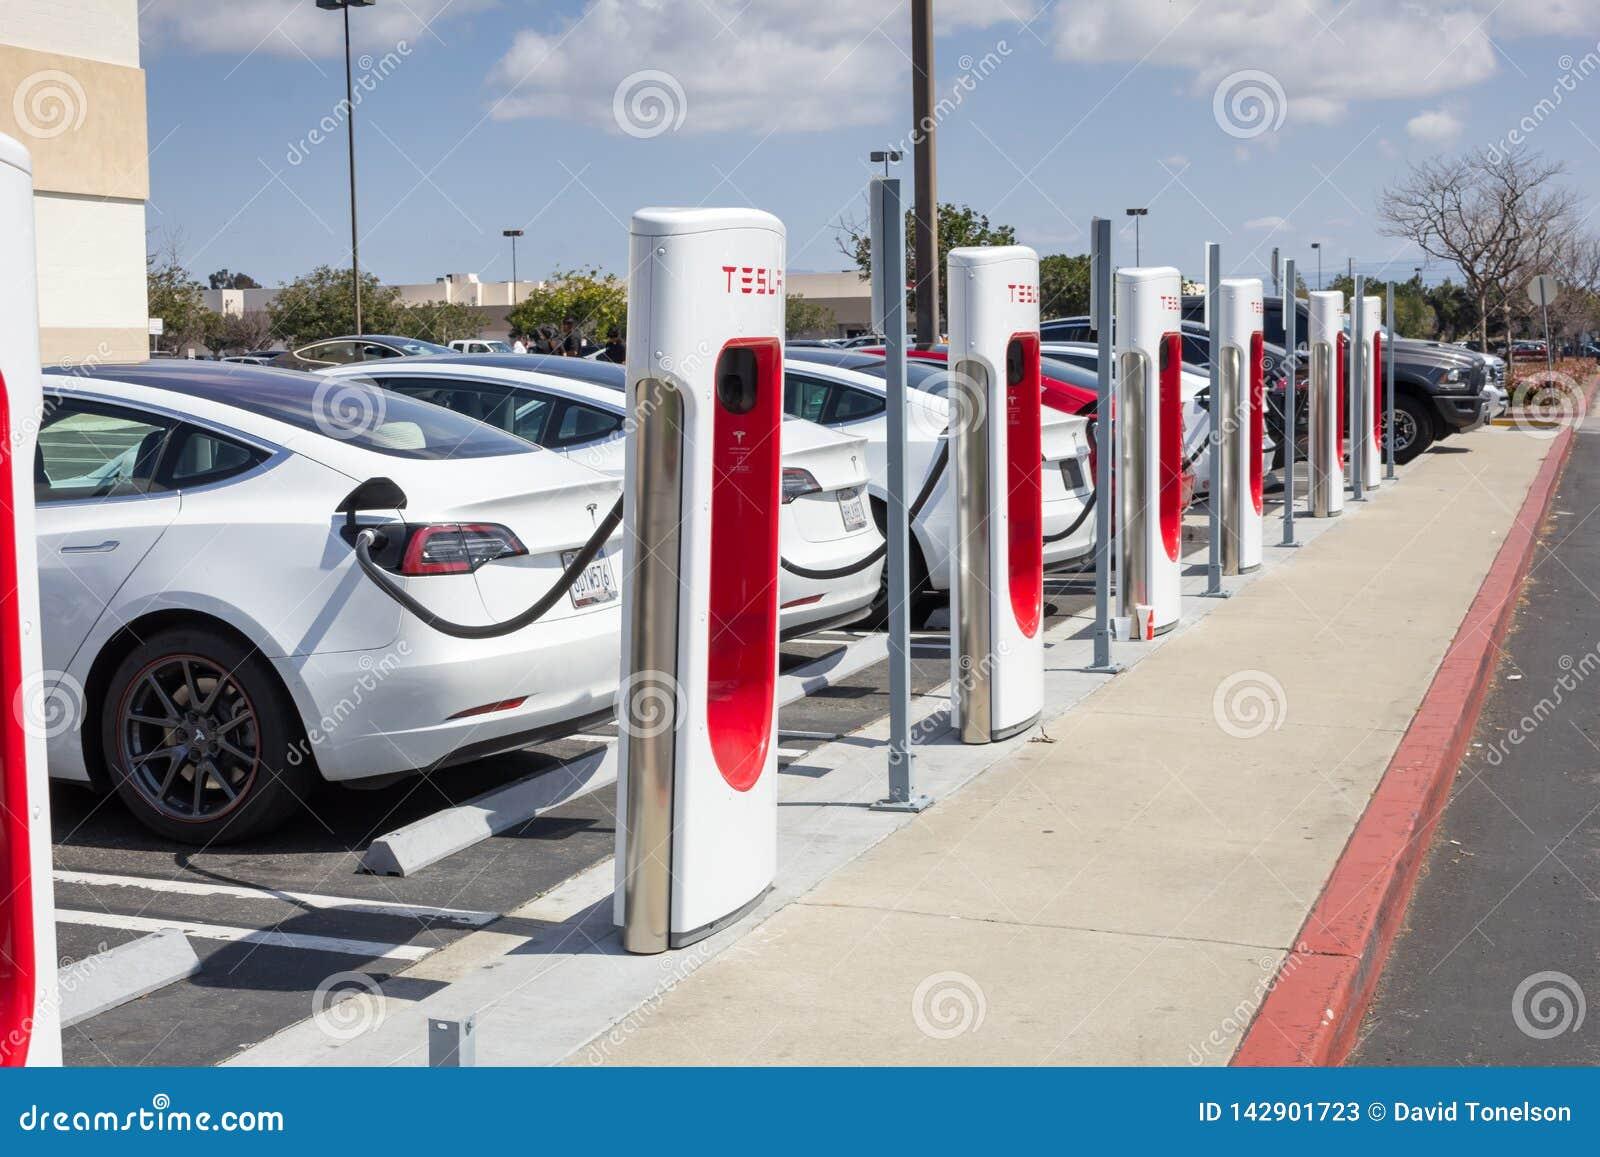 Tesla charging station pumps